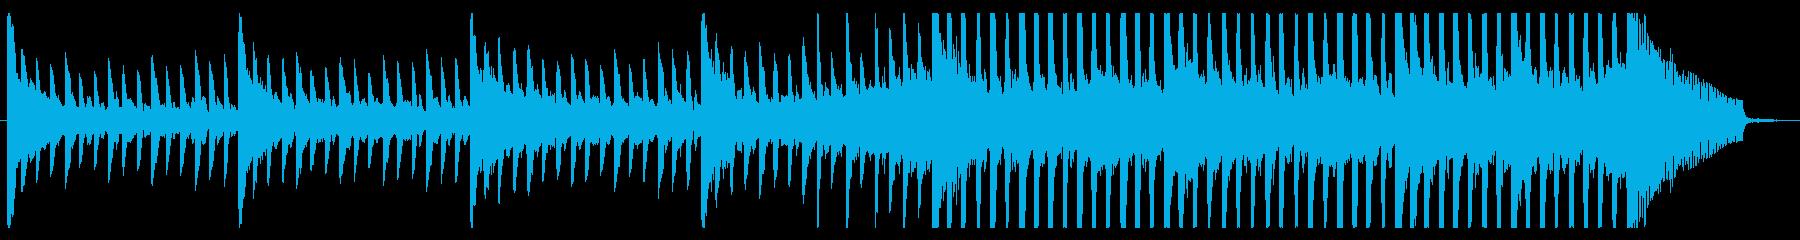 近未来的クリーンなコーポレート・30秒の再生済みの波形